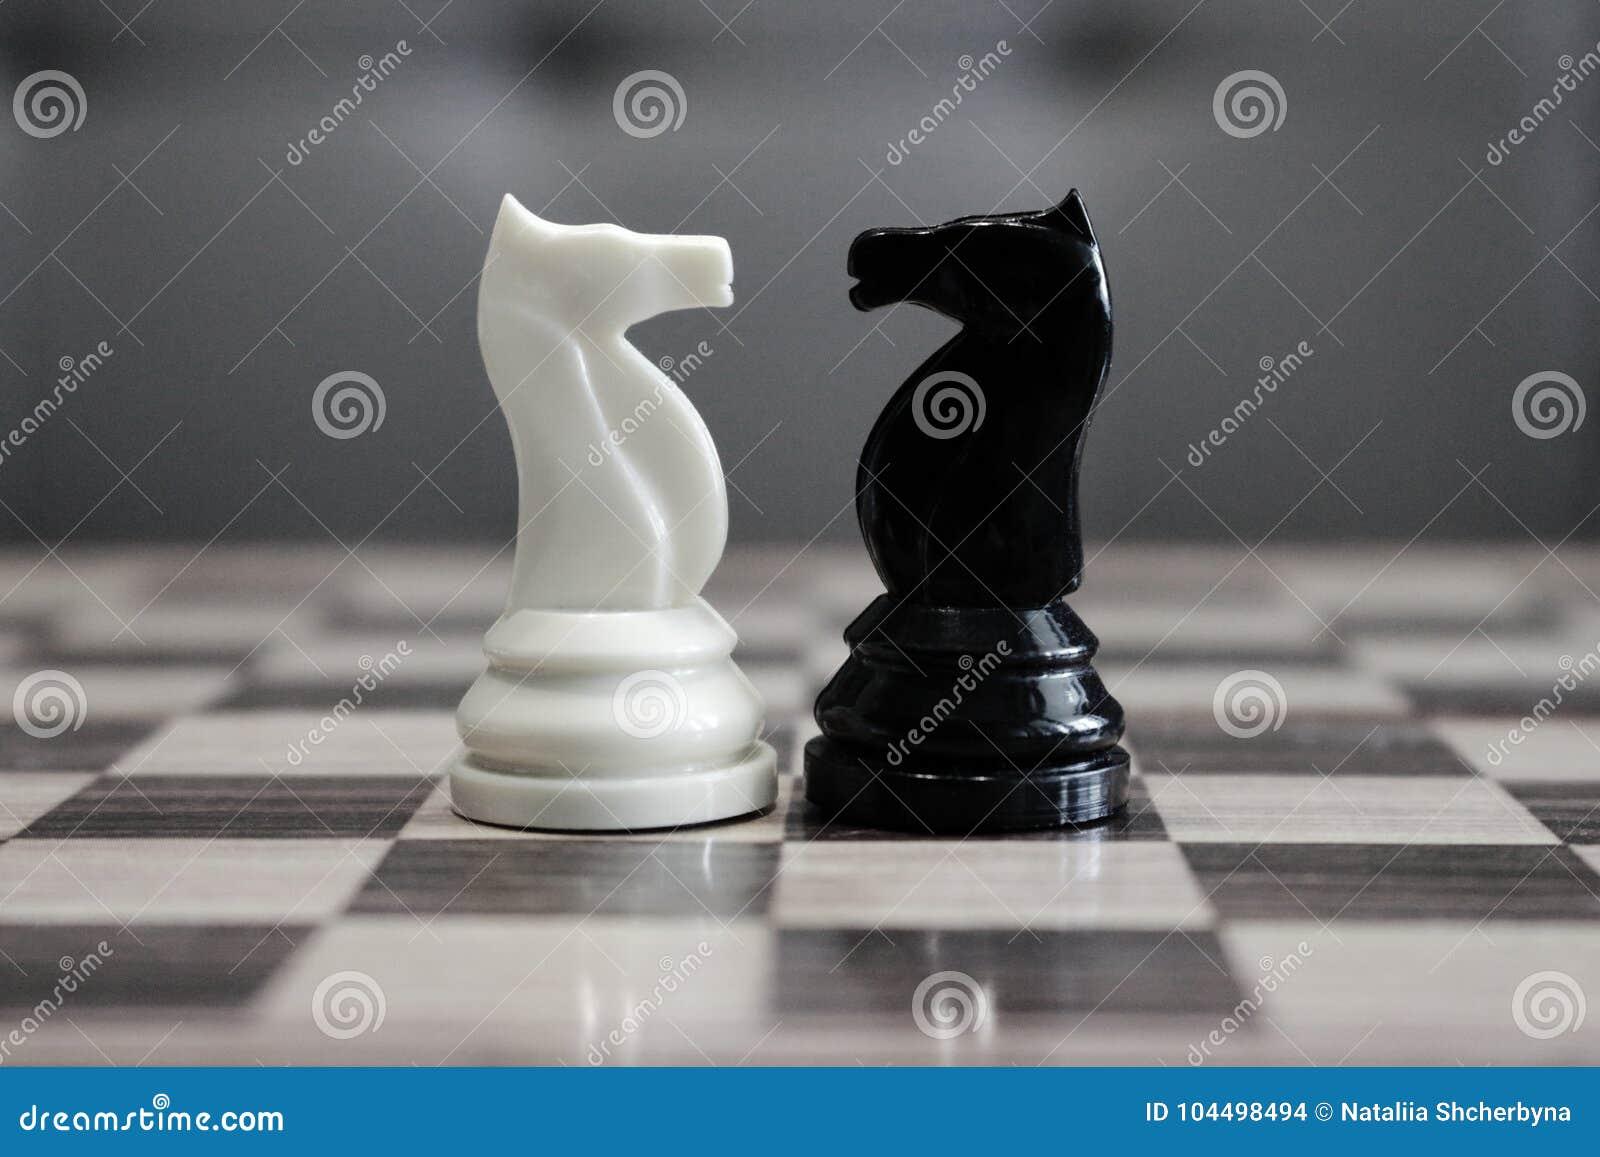 Svartvita schackhästar framme av de som utmaning- och konkurrensbegrepp